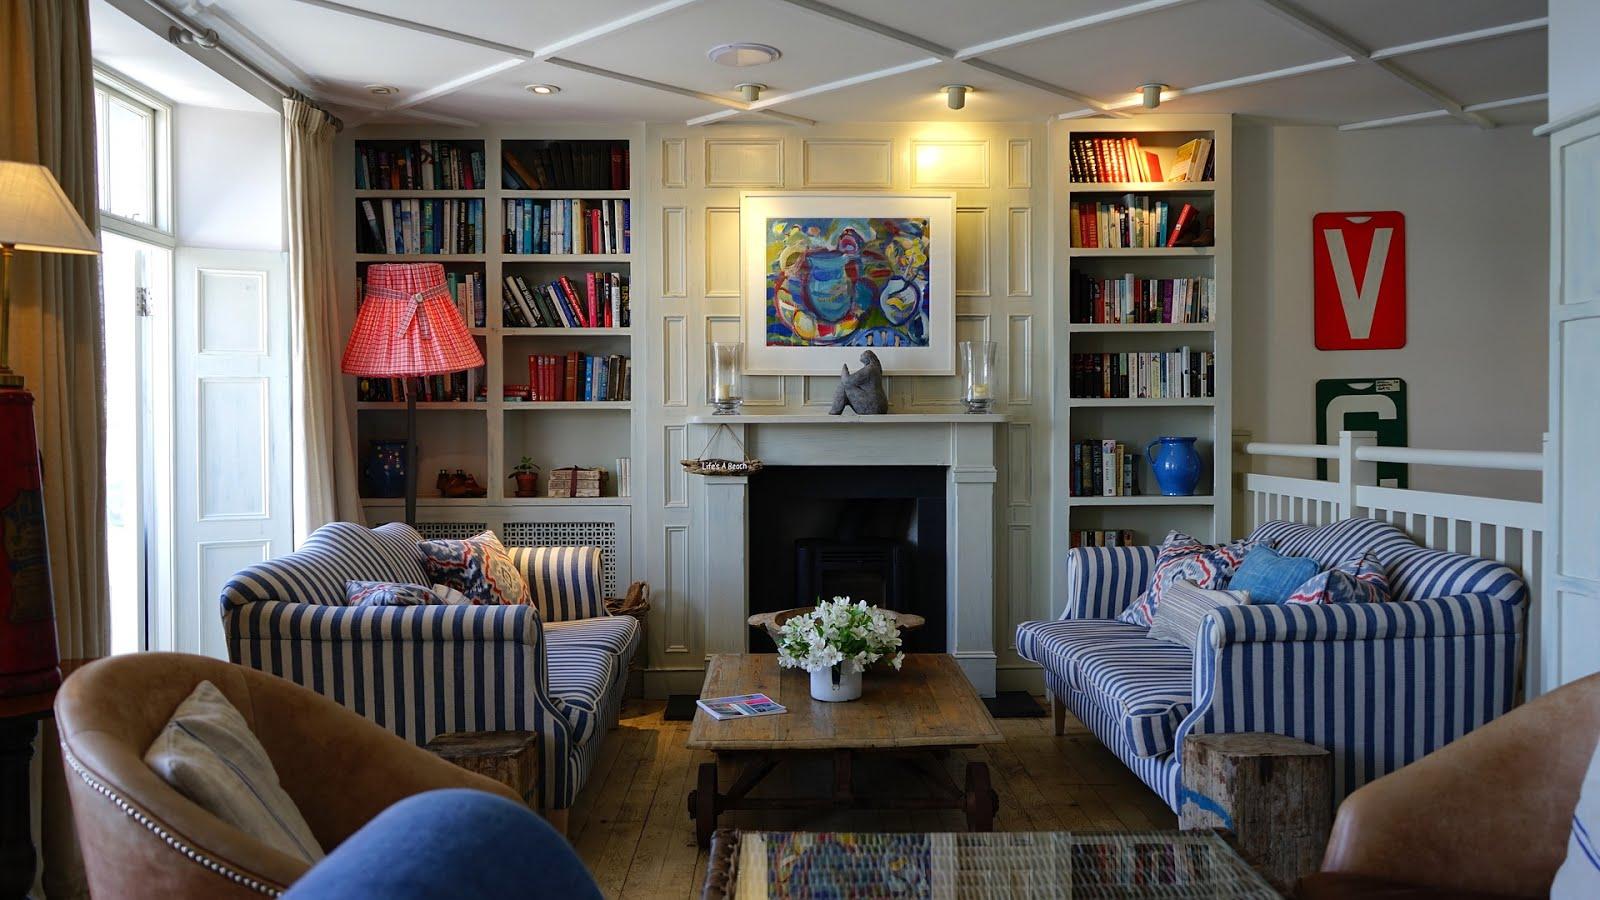 Interiérová dekorace nemusí být jenom konformace s nevkusem